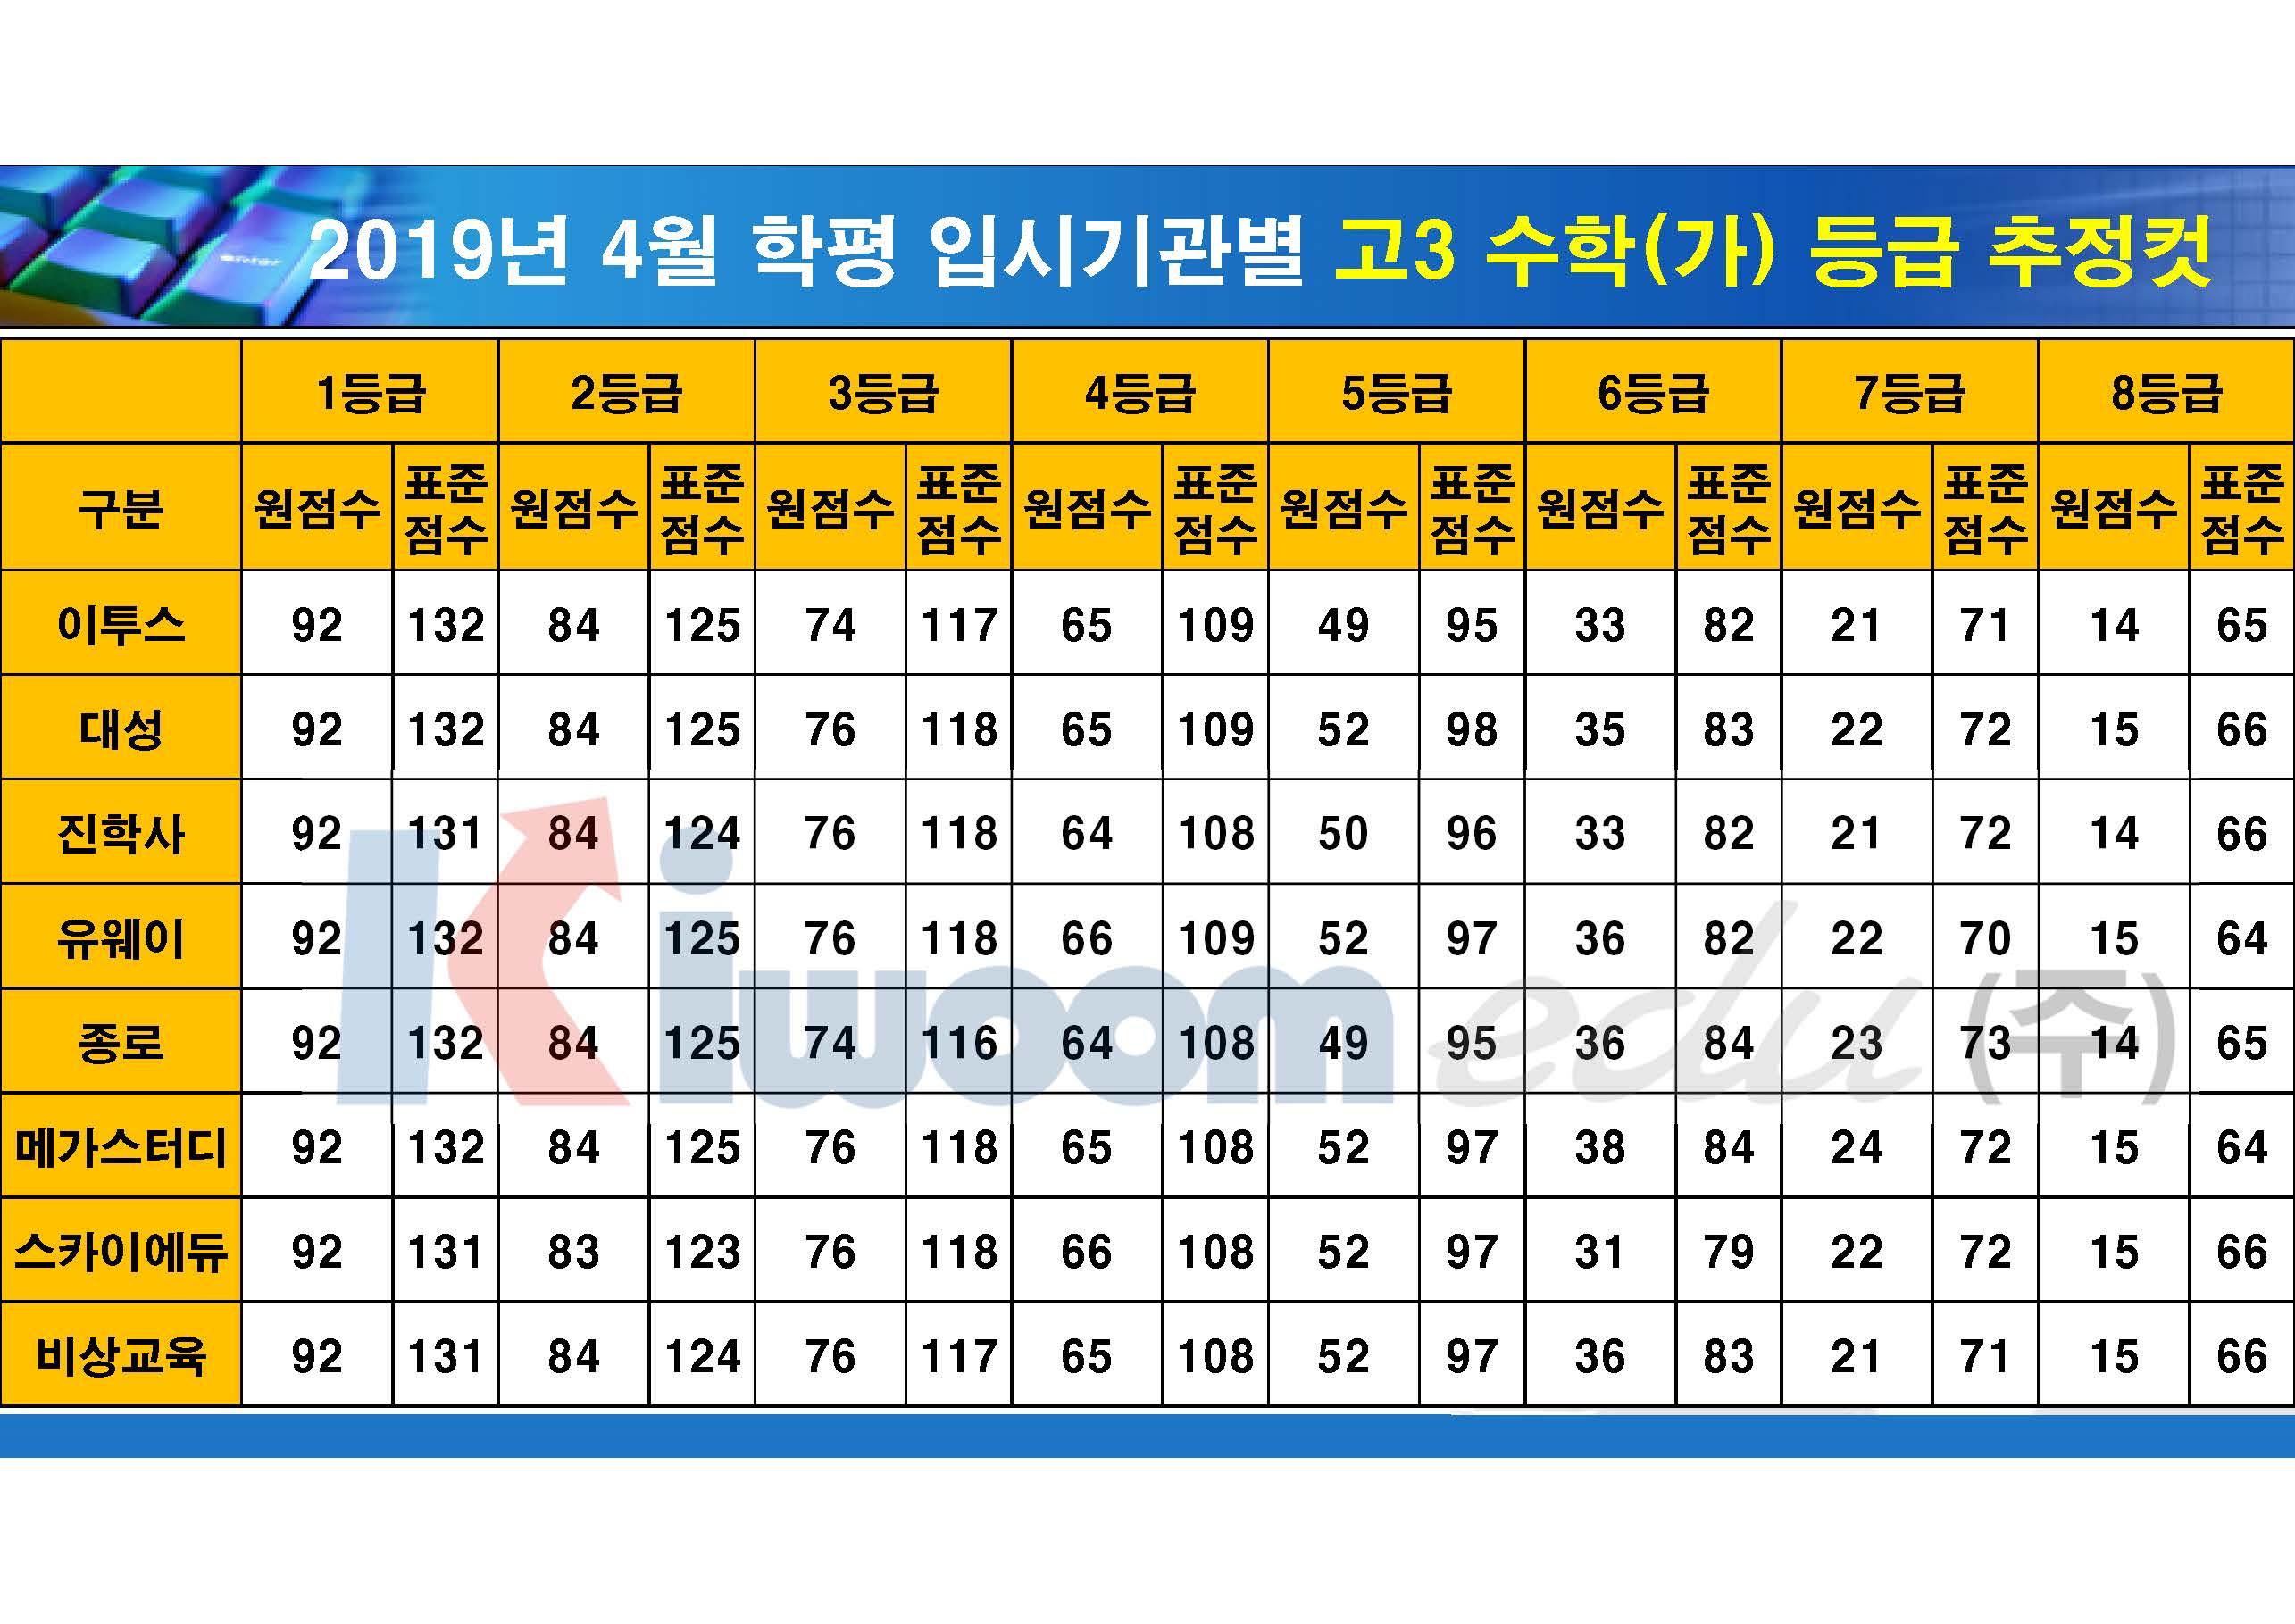 2019 4월 모의고사 입시기관별 등급컷(고3)_20190411_안지훈#2_Page_04.jpg